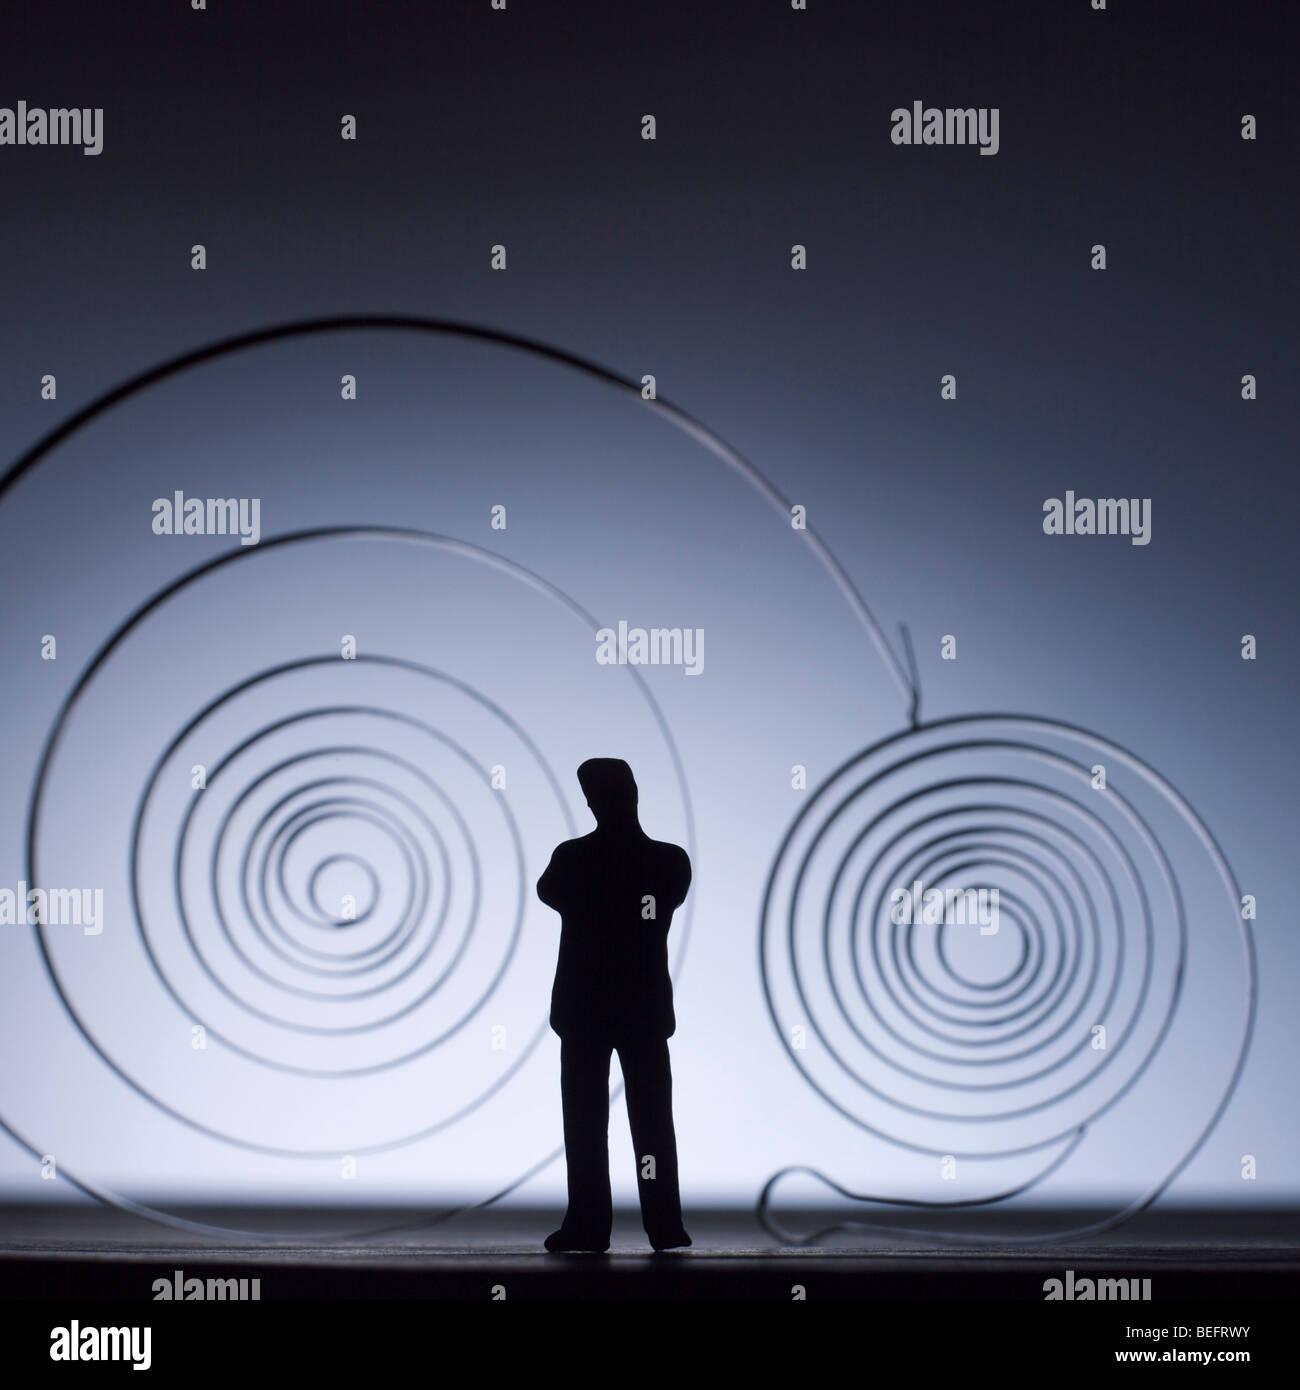 Creatività / idee / invenzione / Innovazione / industria / concetto di produzione - spirali di metallo e imprenditore Immagini Stock